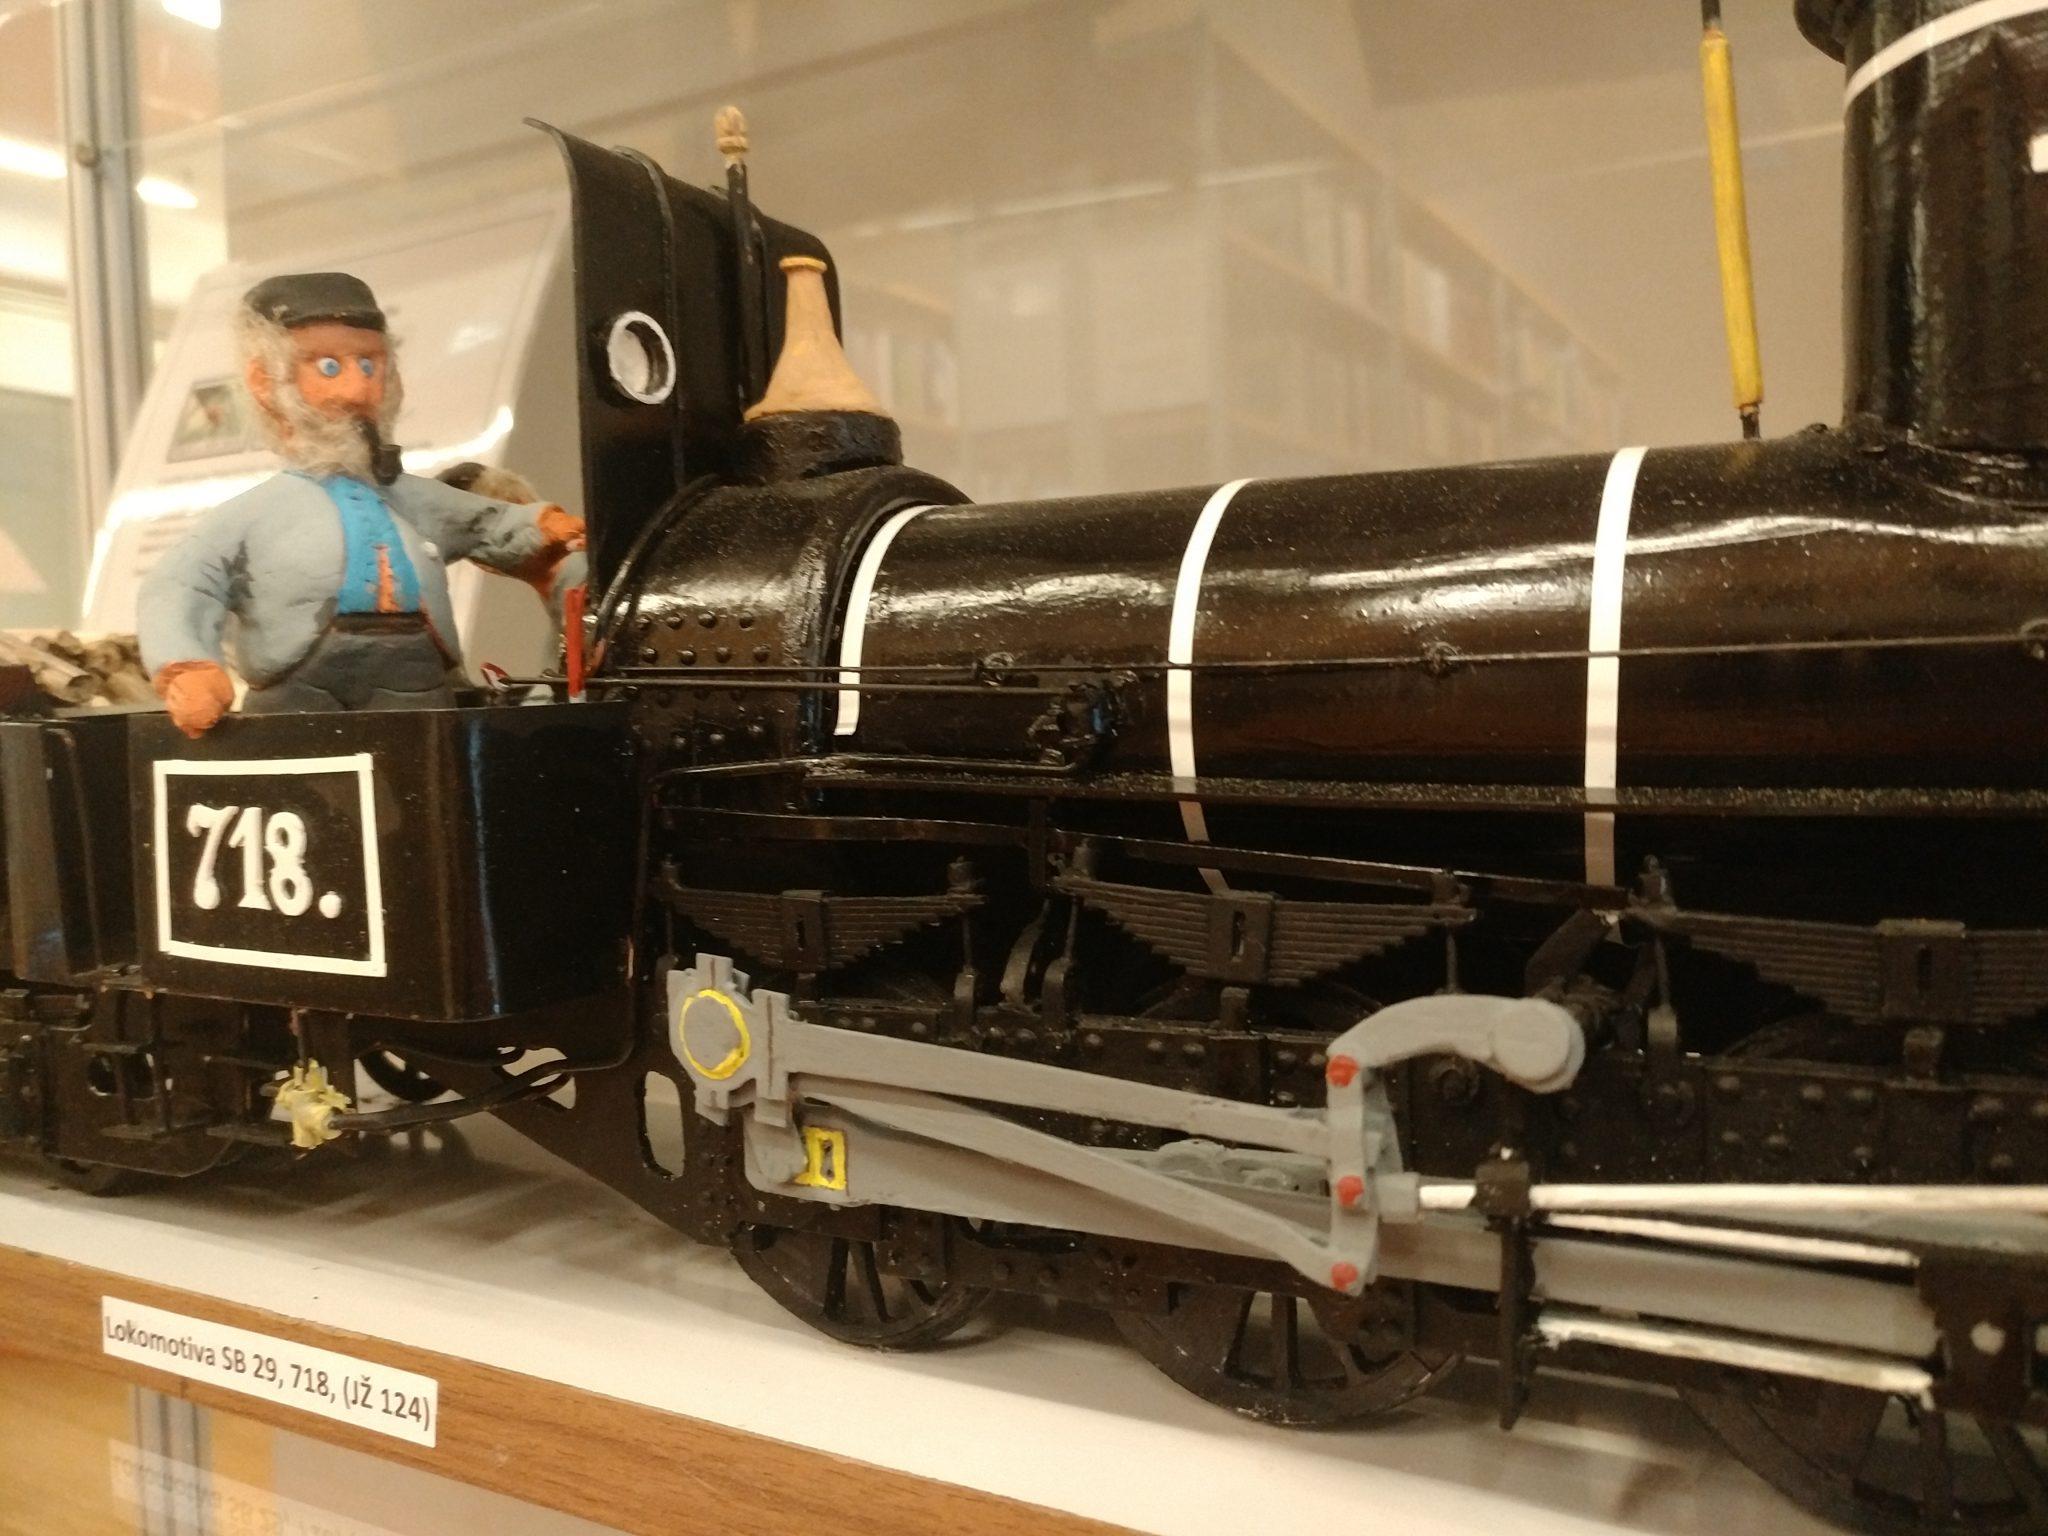 IMG 20181112 110824 - Zvone Ivančič: 160 let južne železnice – razstava maket lokomotiv in izbora znamk